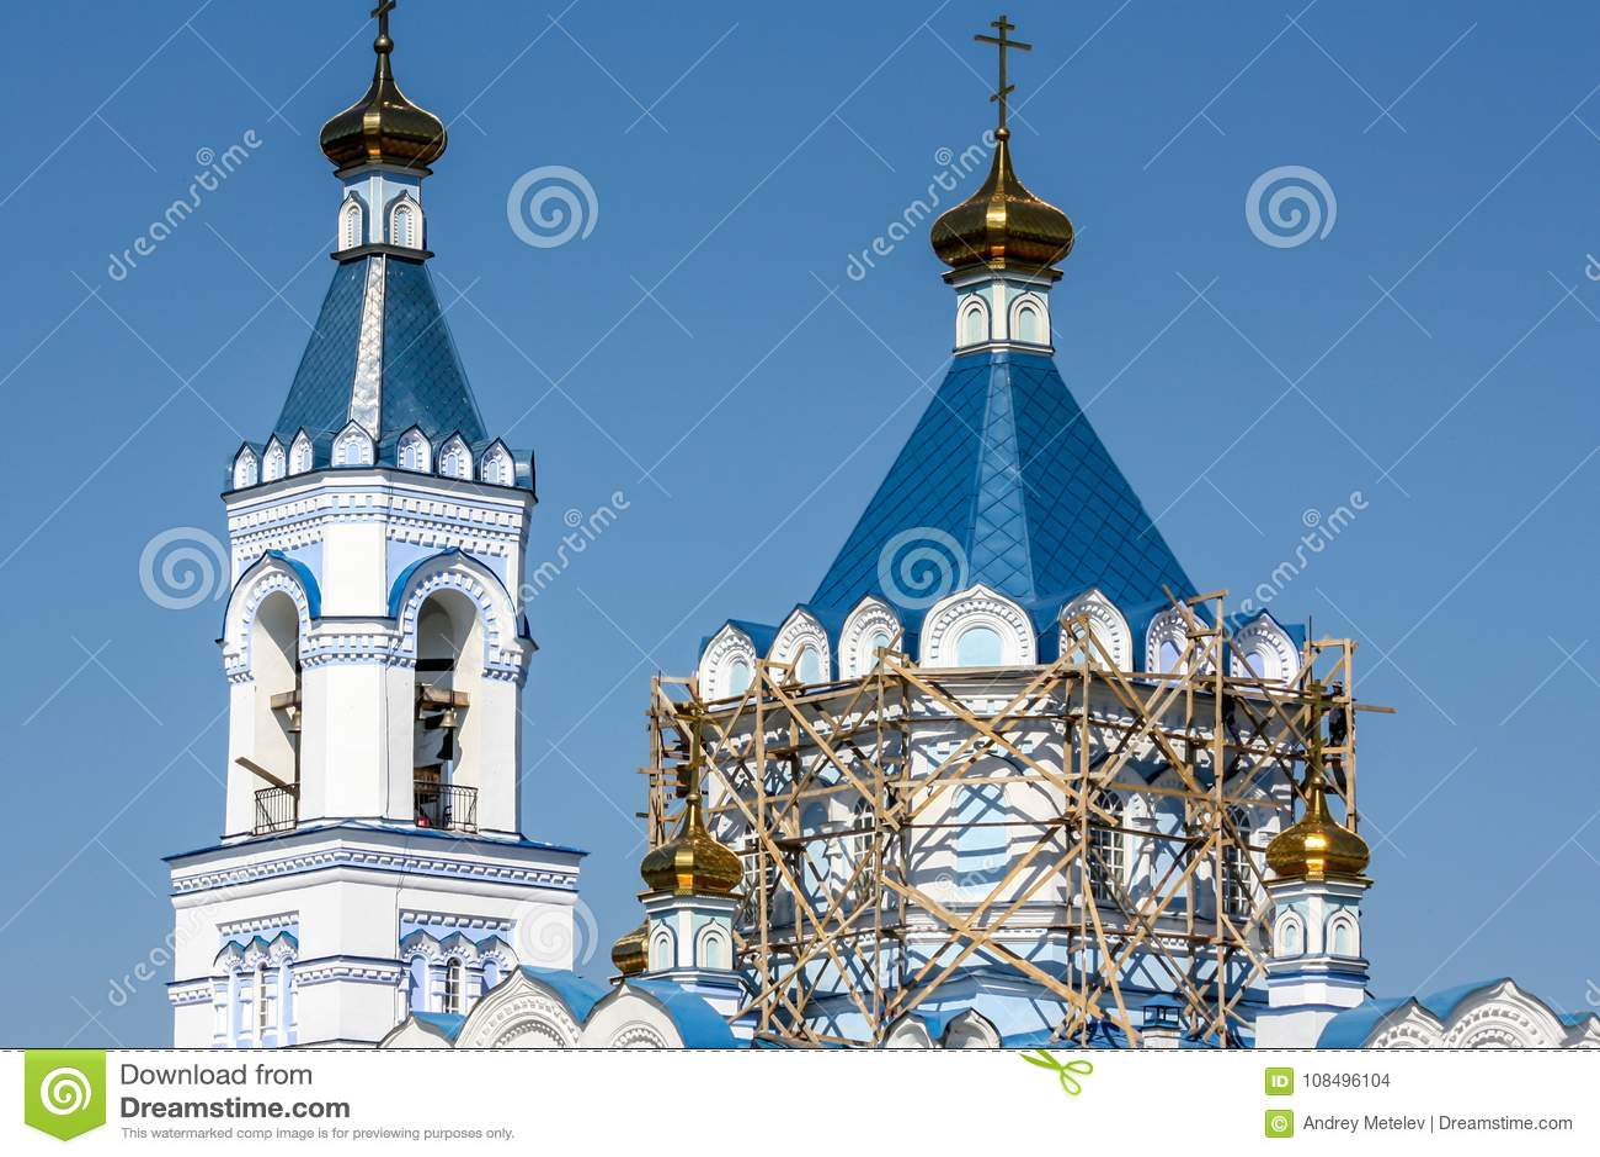 O reparo do andaime da igreja ortodoxa na torre, em um telhado azul e no céu azul